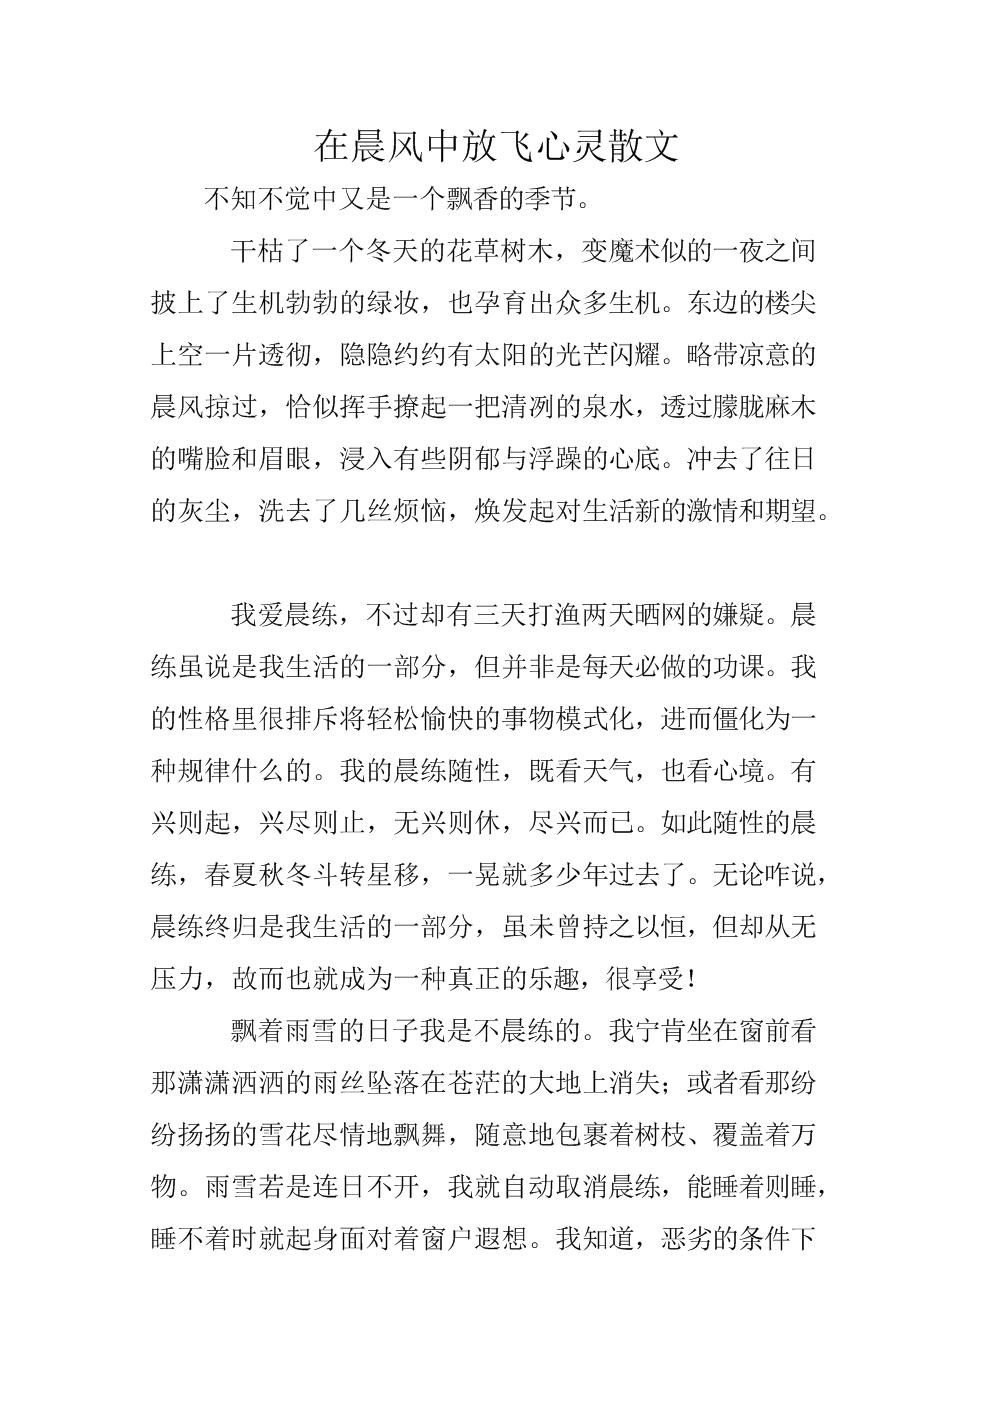 高中作文:在晨风中放飞心灵.doc